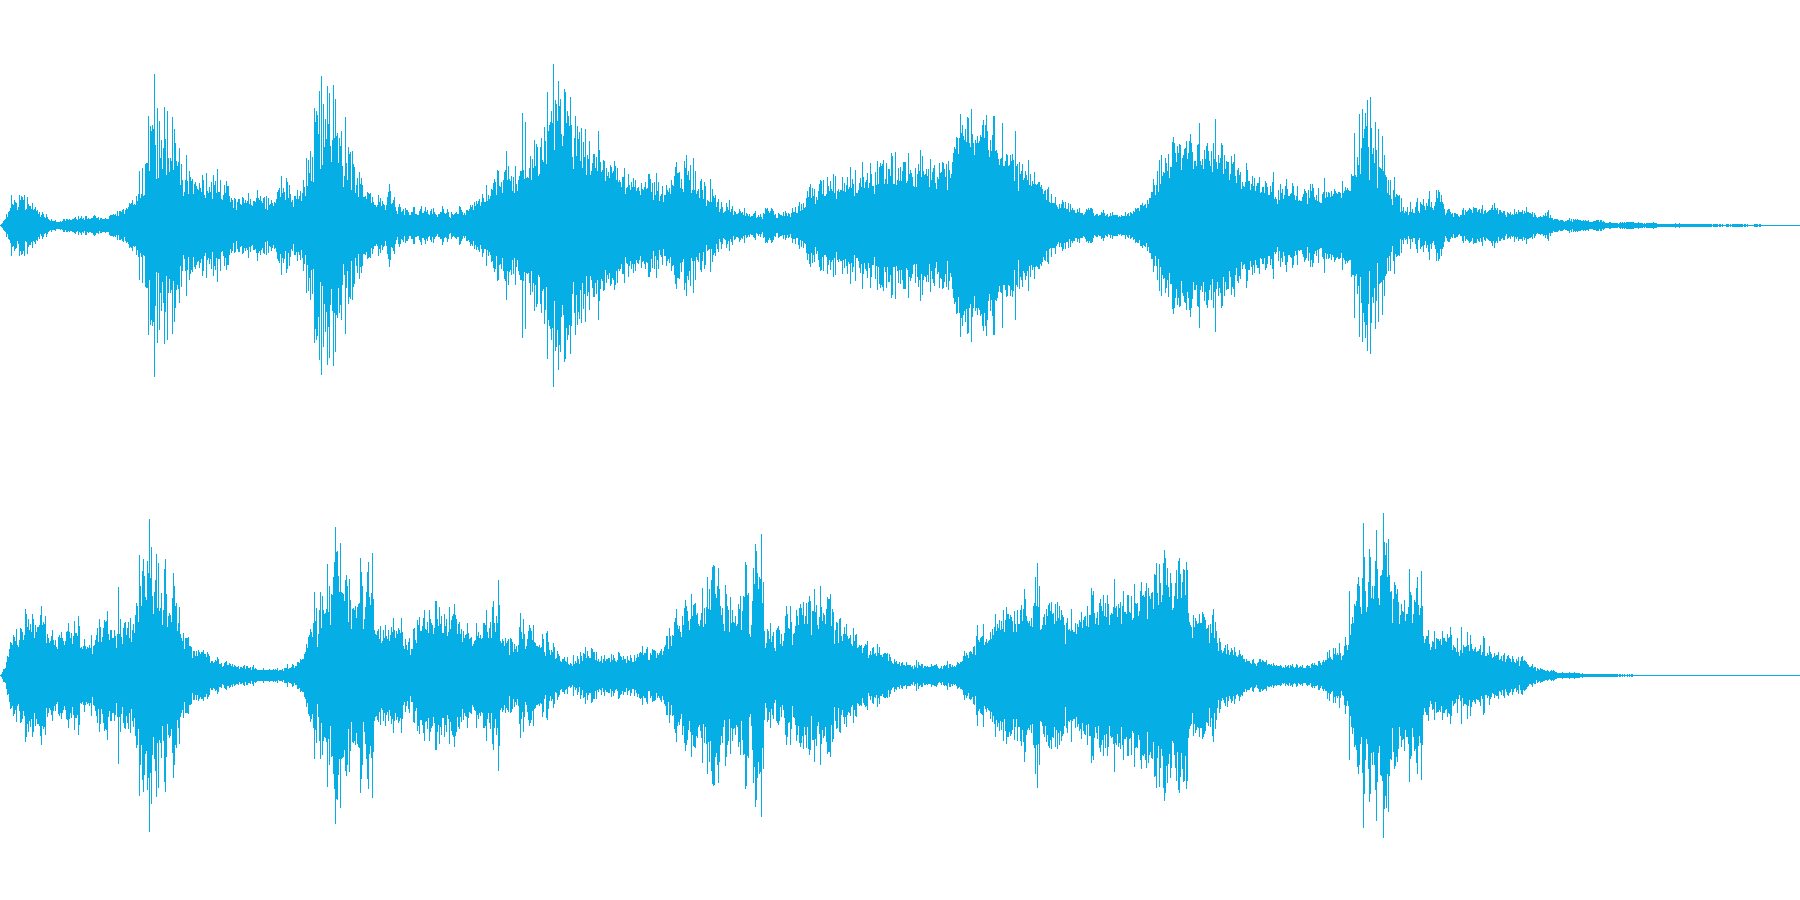 危険な物体が現れた音の再生済みの波形